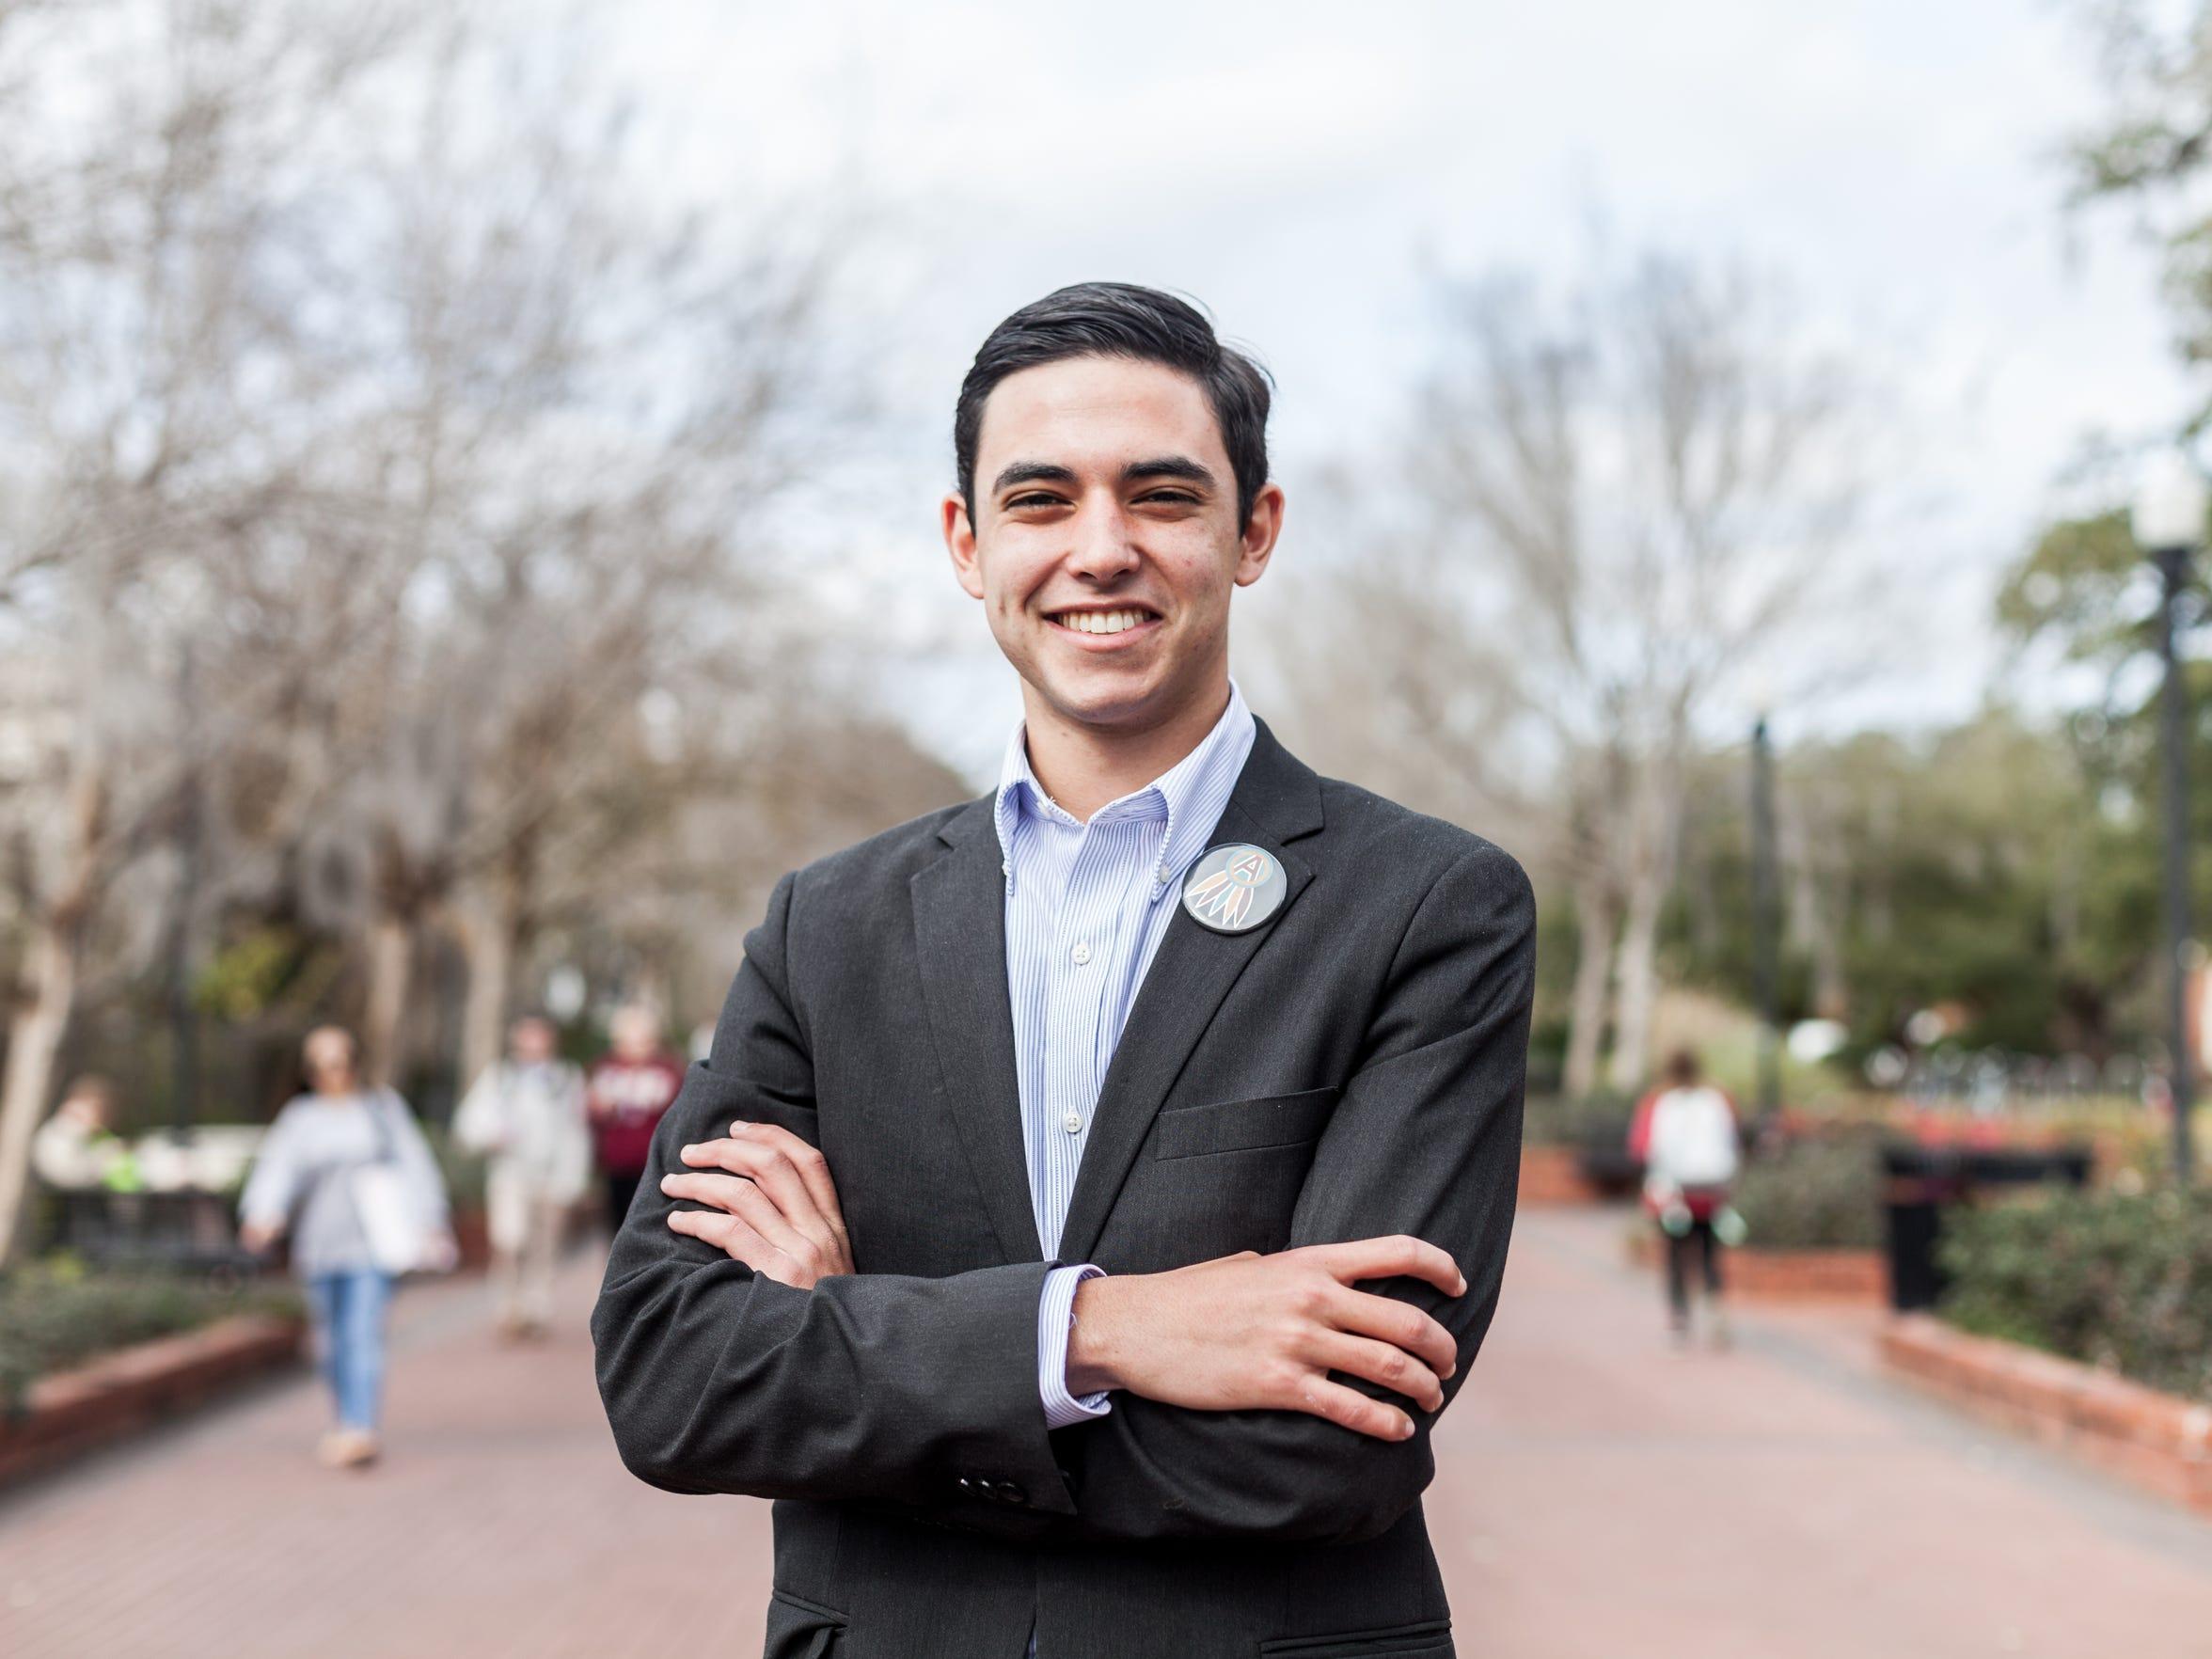 FSU Student Body President Nathan Molina